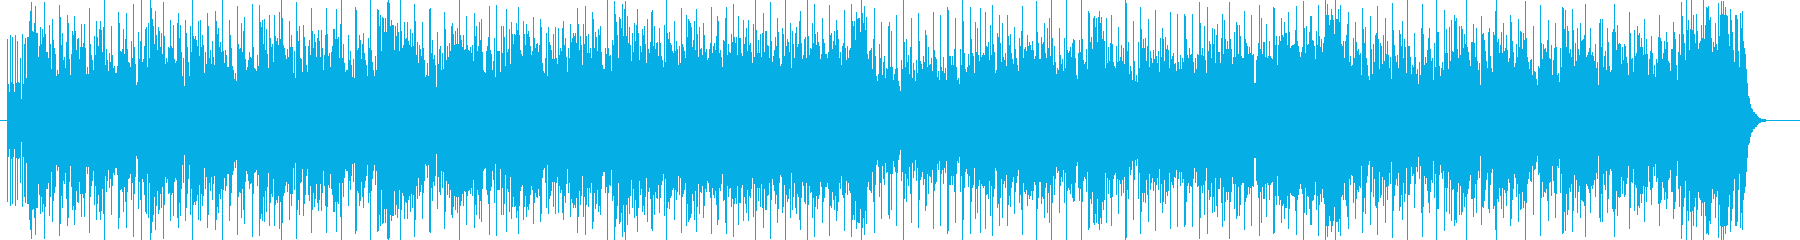 ドラムが爽快なアップテンポのポップスの再生済みの波形